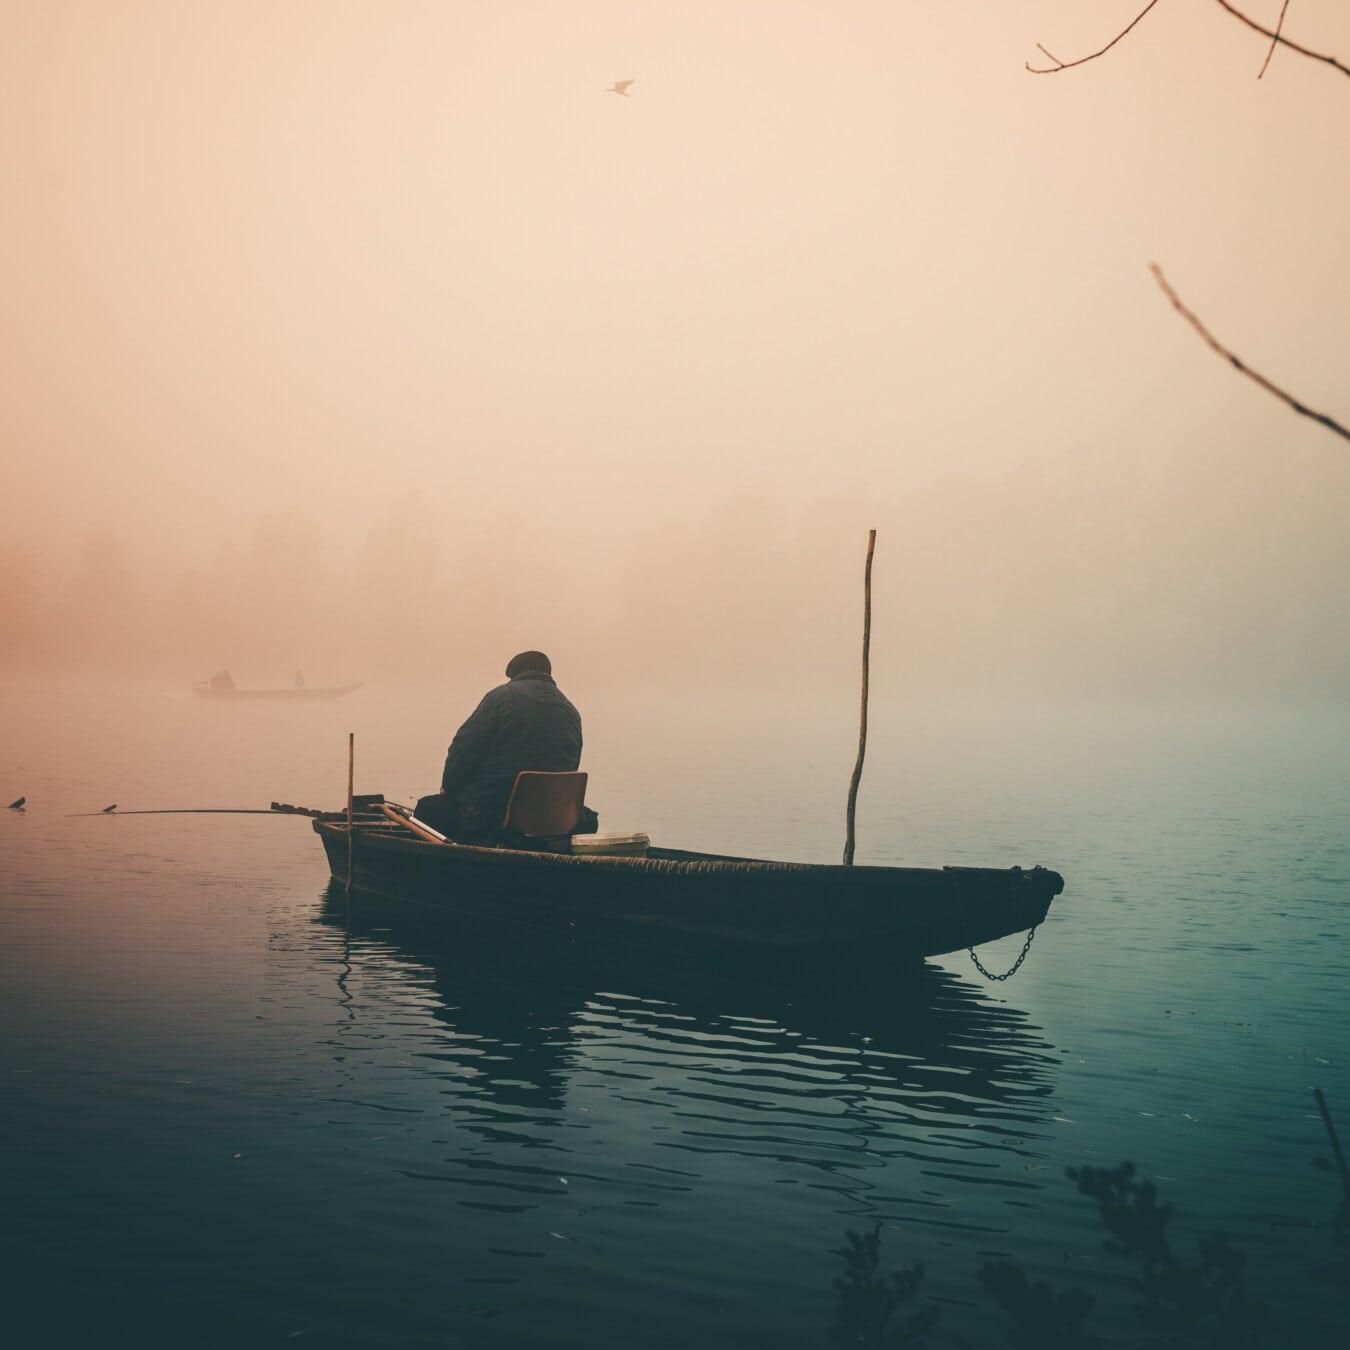 Fischer, Angelboot/Fischerboot, Angeln, Dämmerung, neblig, Kälte, Herbst, Wasser, Horizont, Dämmerung